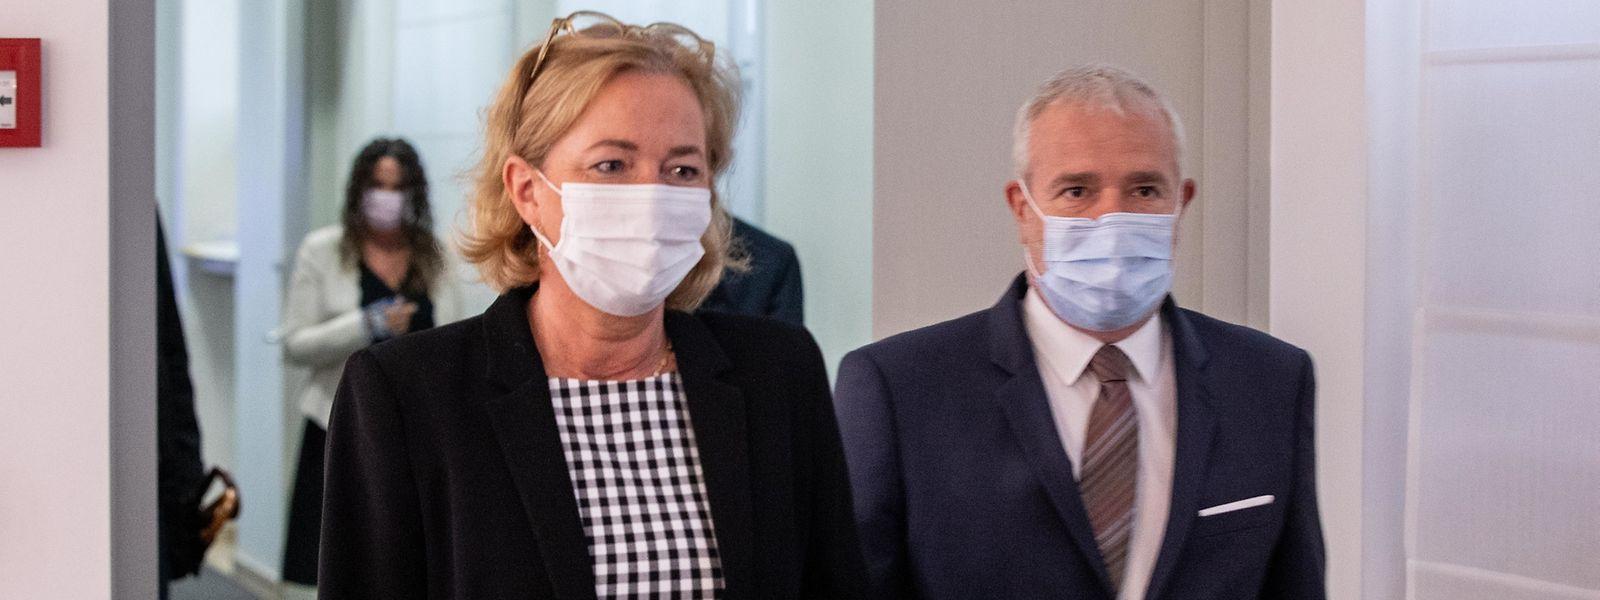 Gesundheitsministerin Paulette Lenert hat Vizepremier Dan Kersch in der Folge der Corona-Krise in der Gunst der Wähler deutlich abgehängt.